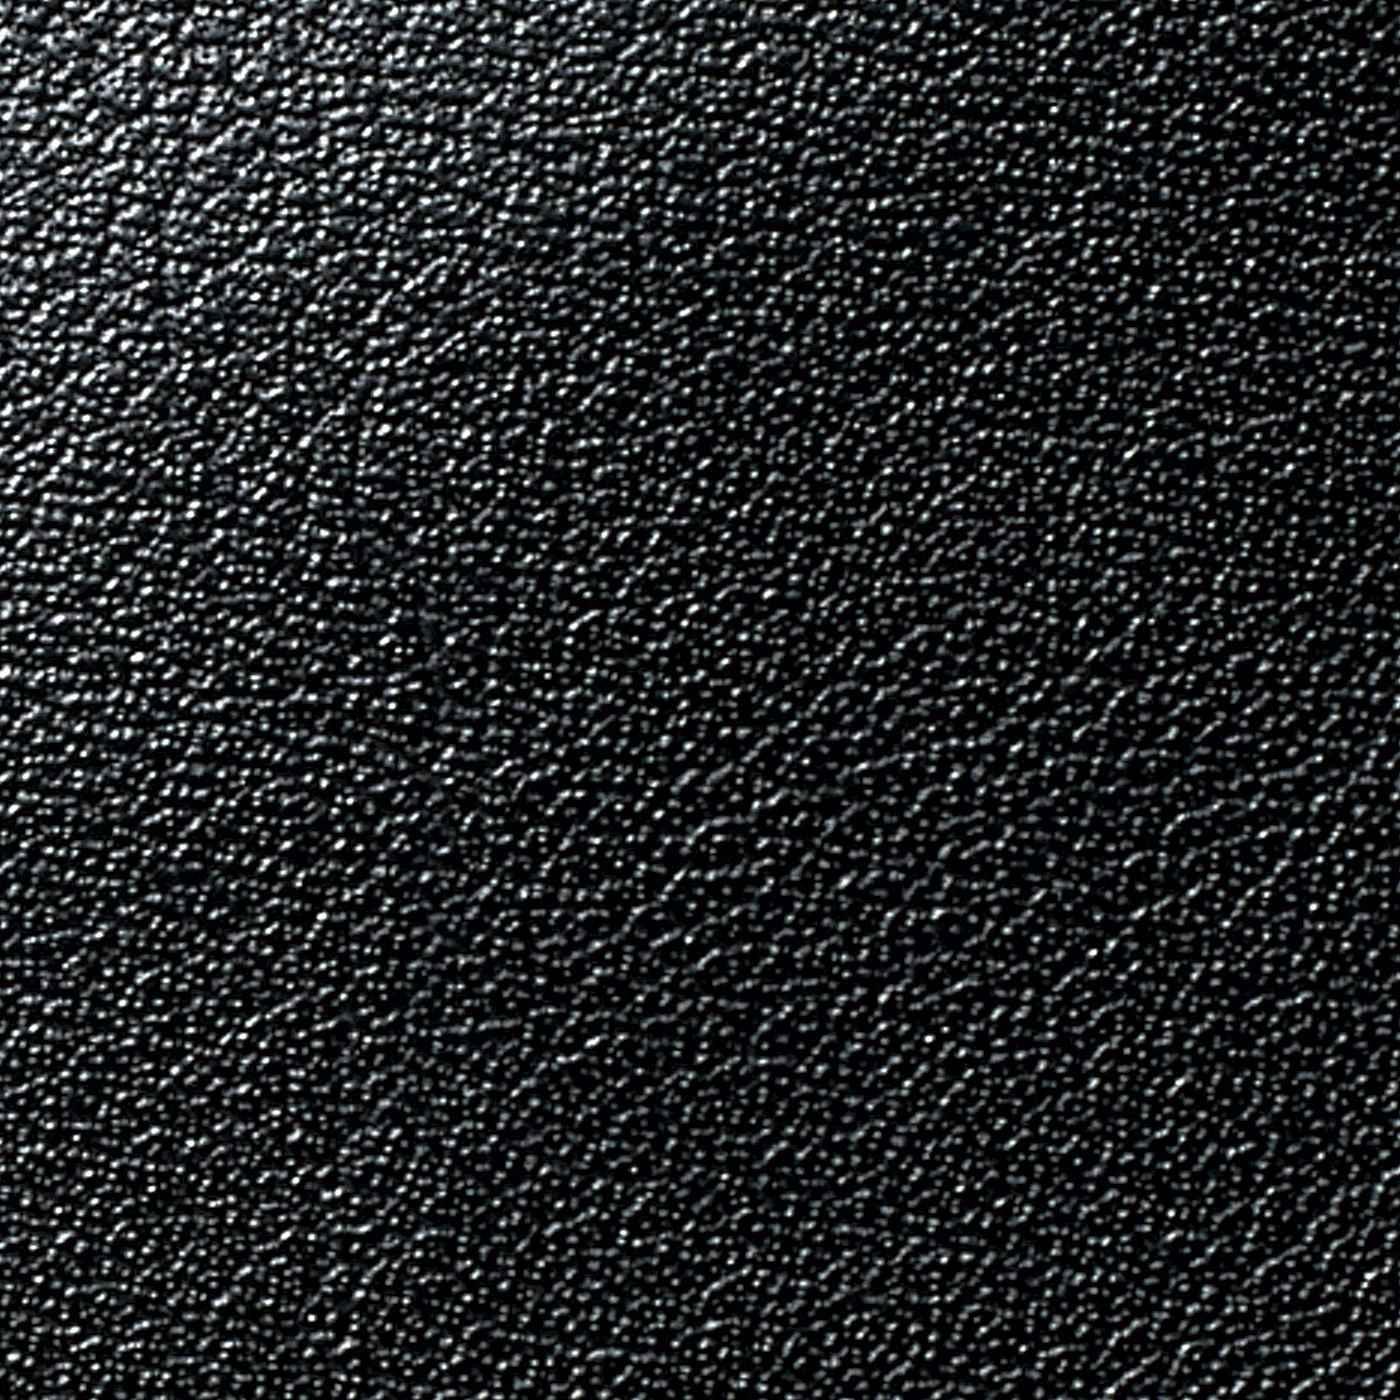 軽くて持ちやすい合成皮革で高級感ある仕上がりに。